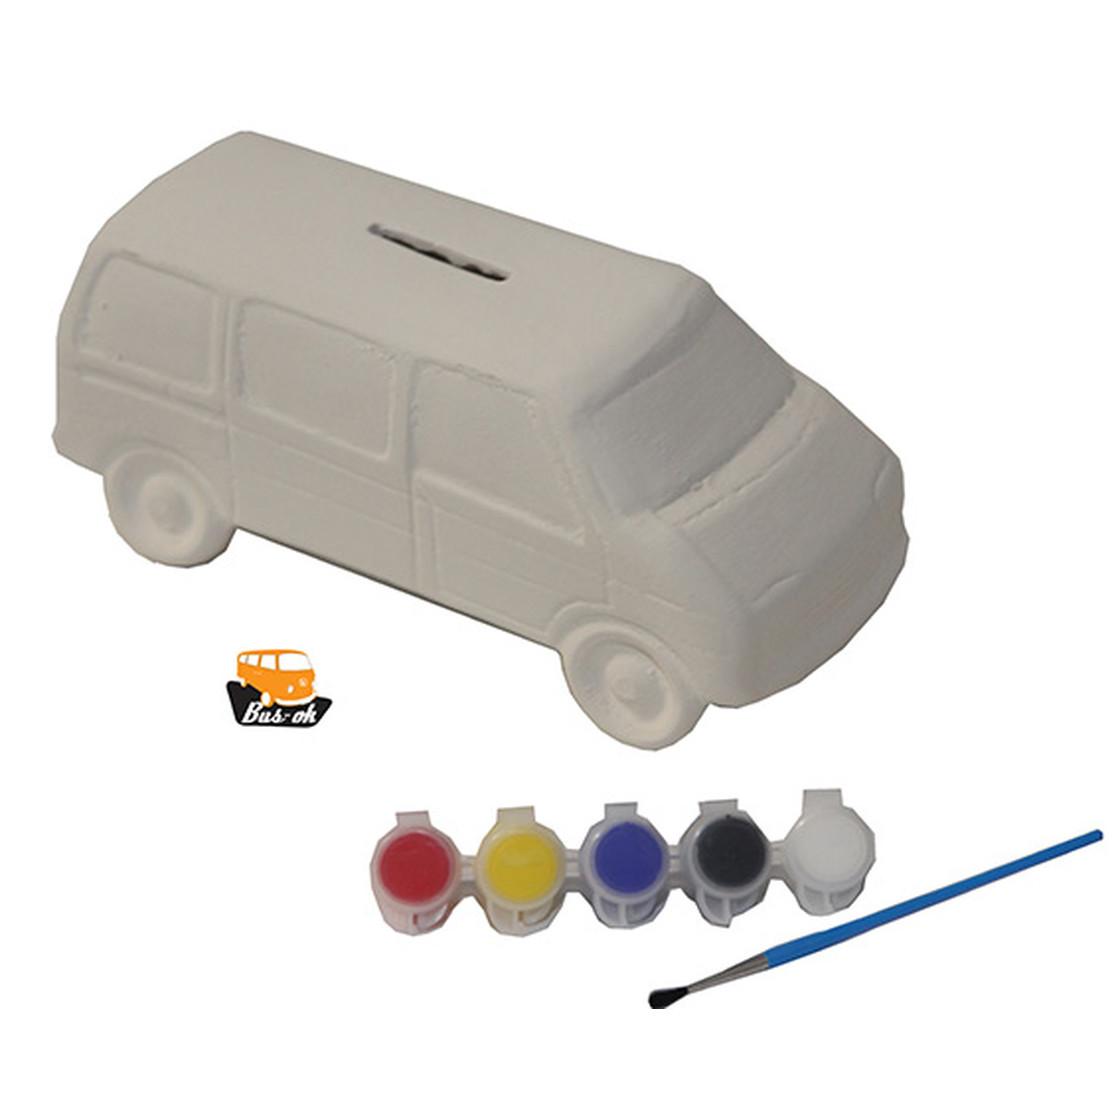 t4 spardose zum selbst bemalen set mit farben und pinsel bus 16 50. Black Bedroom Furniture Sets. Home Design Ideas